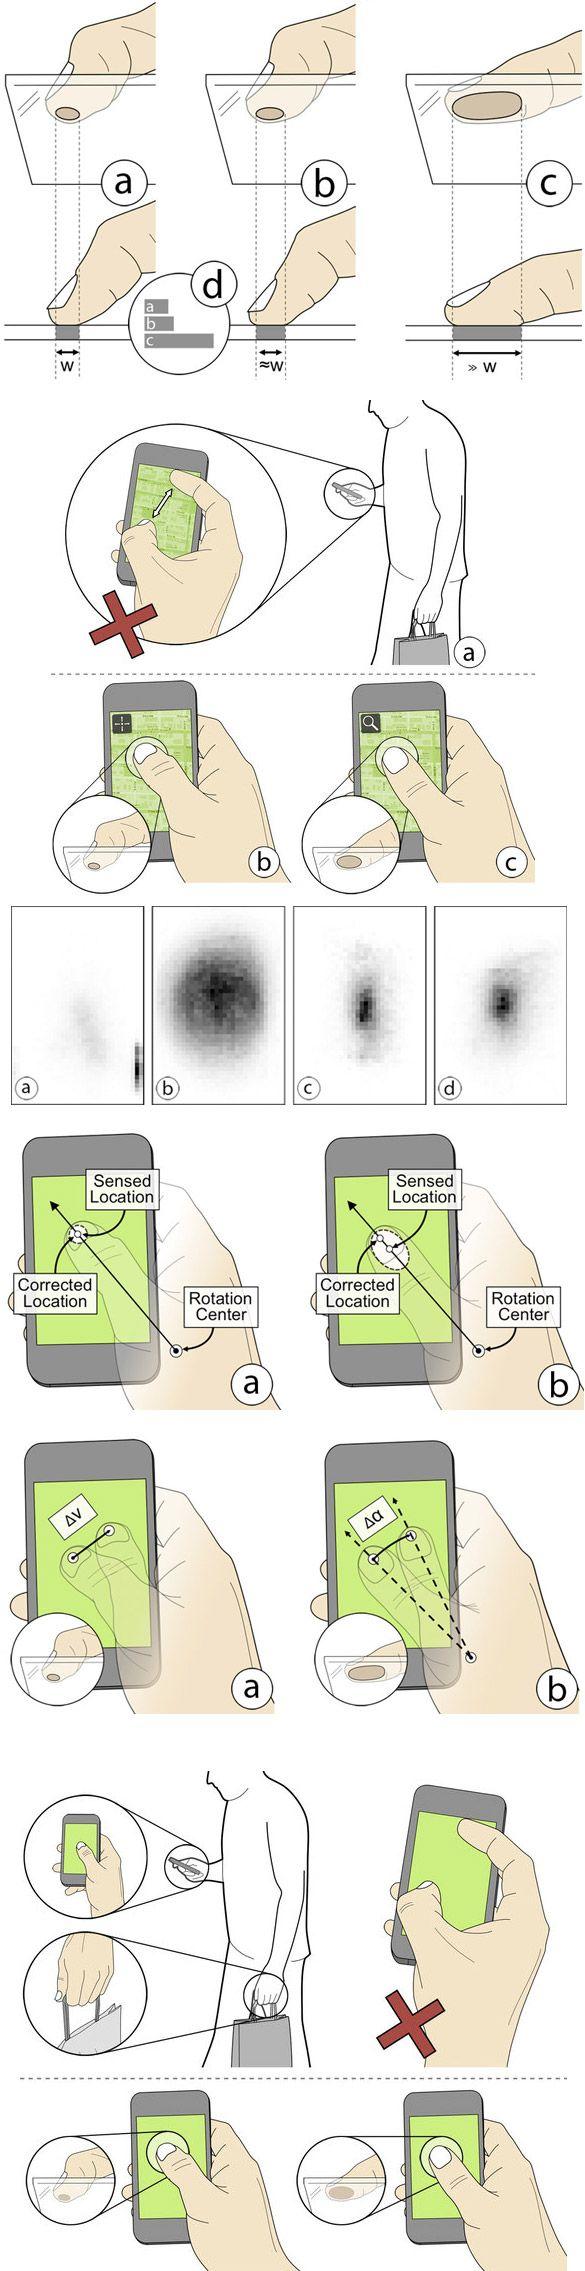 ENFIN résolu la question des gros doigts !  http://graphism.fr/design-cran-tactile-enfin-rsolu-la-question-des-gros-doigts/